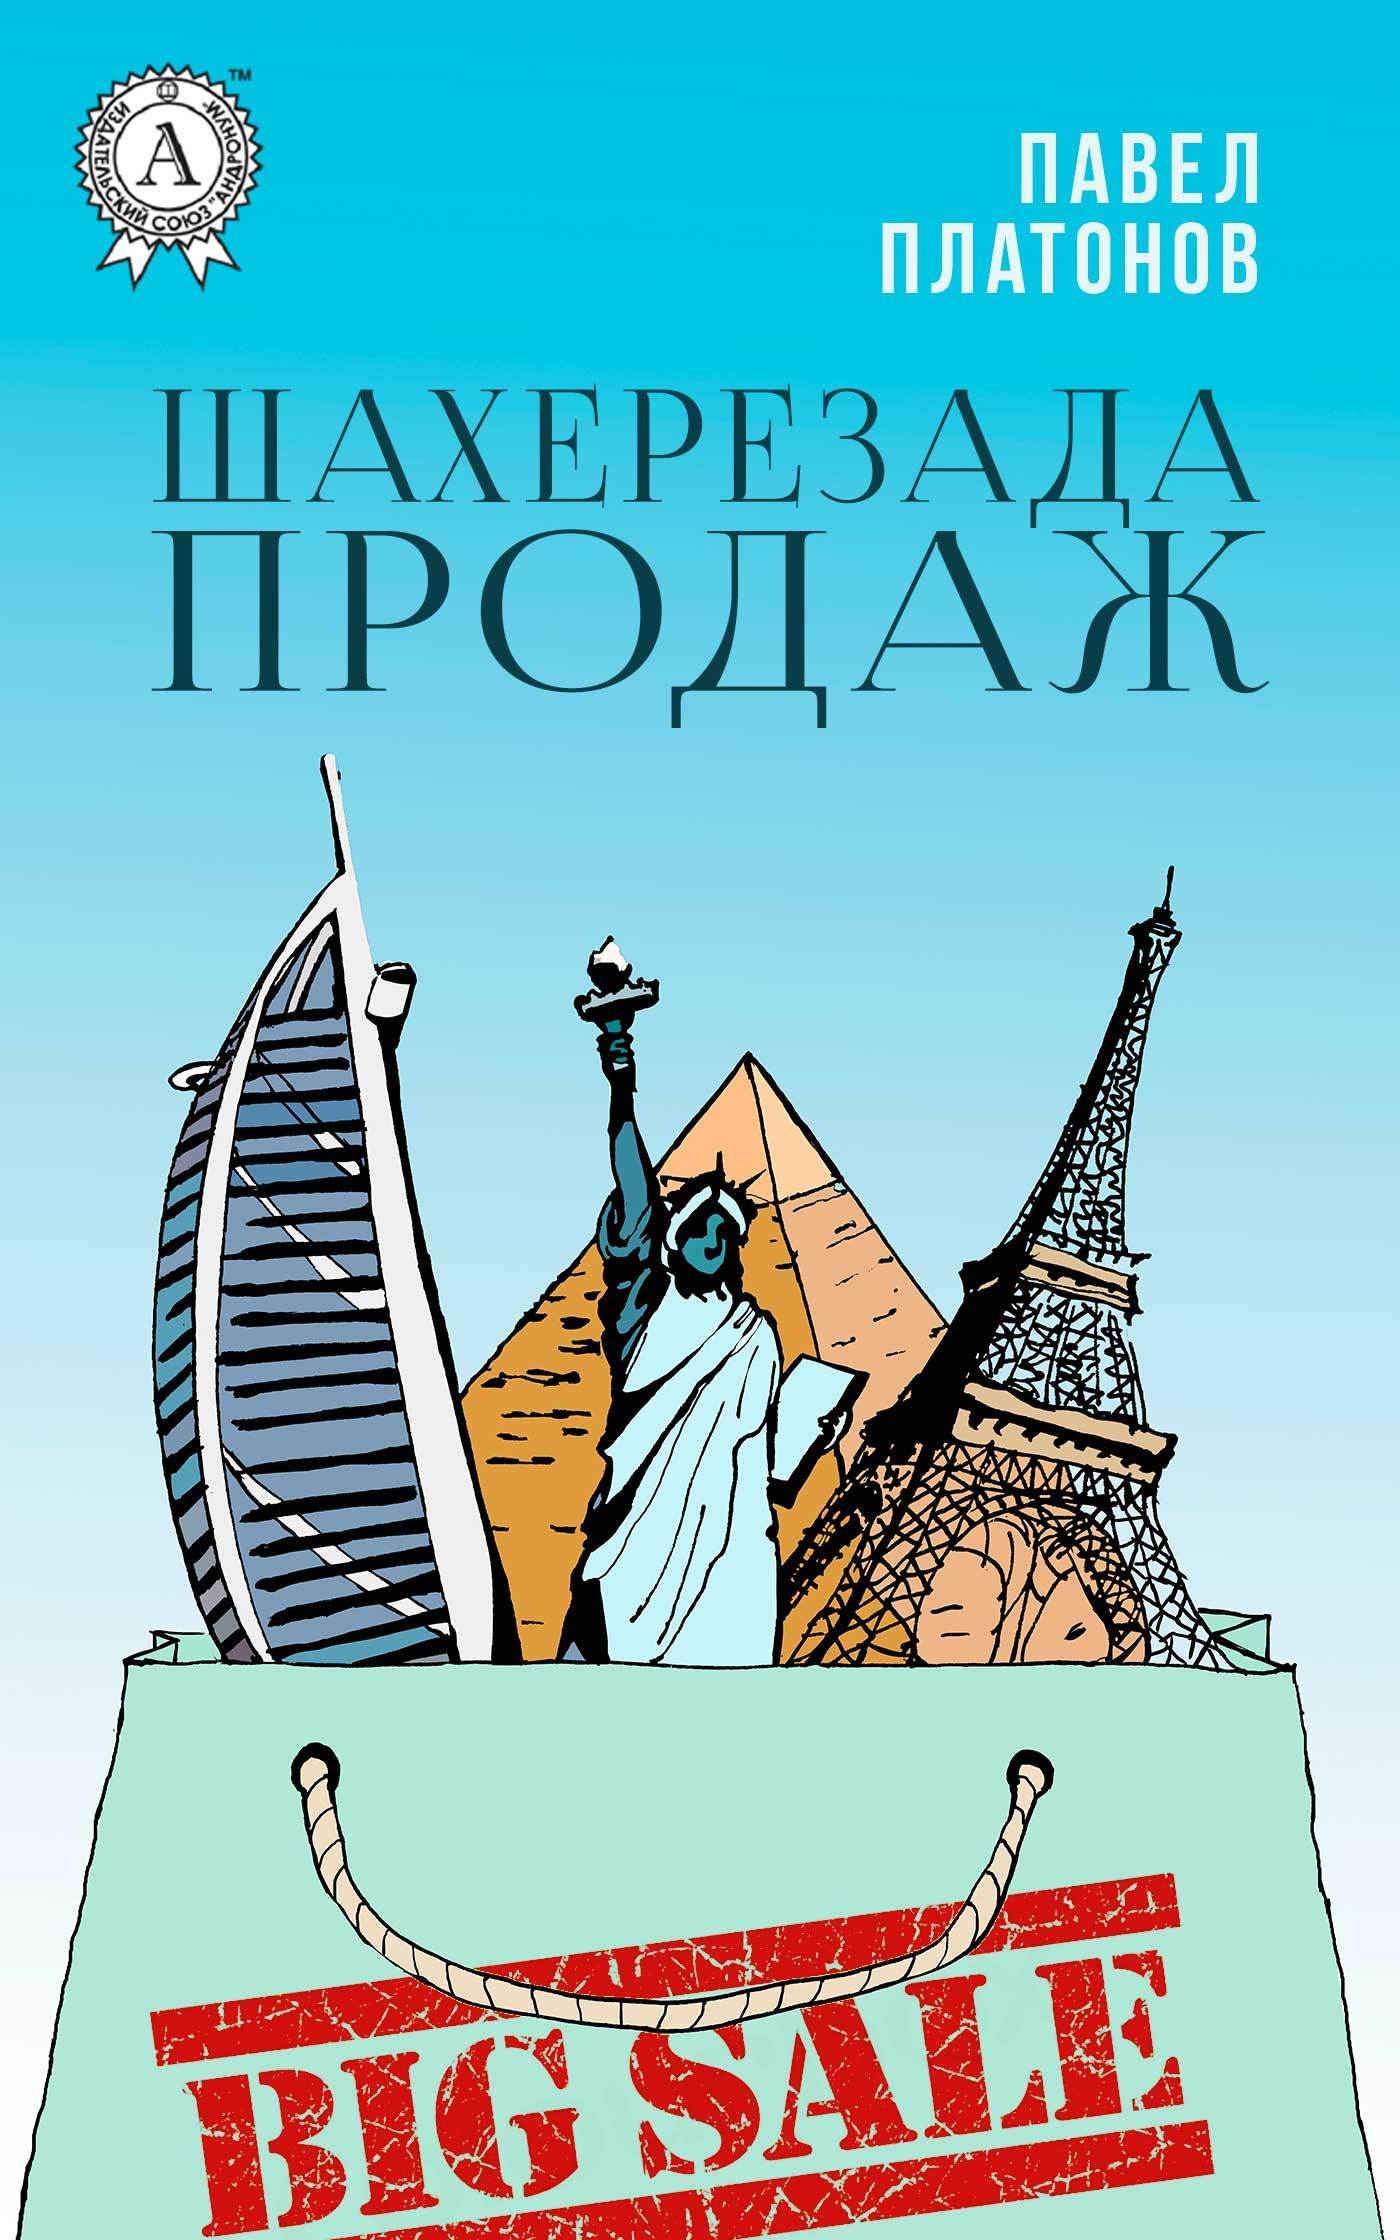 Павел Платонов Шахерезада продаж константин терехин настольная книга коммерческого директора проверенные способы увеличения продаж